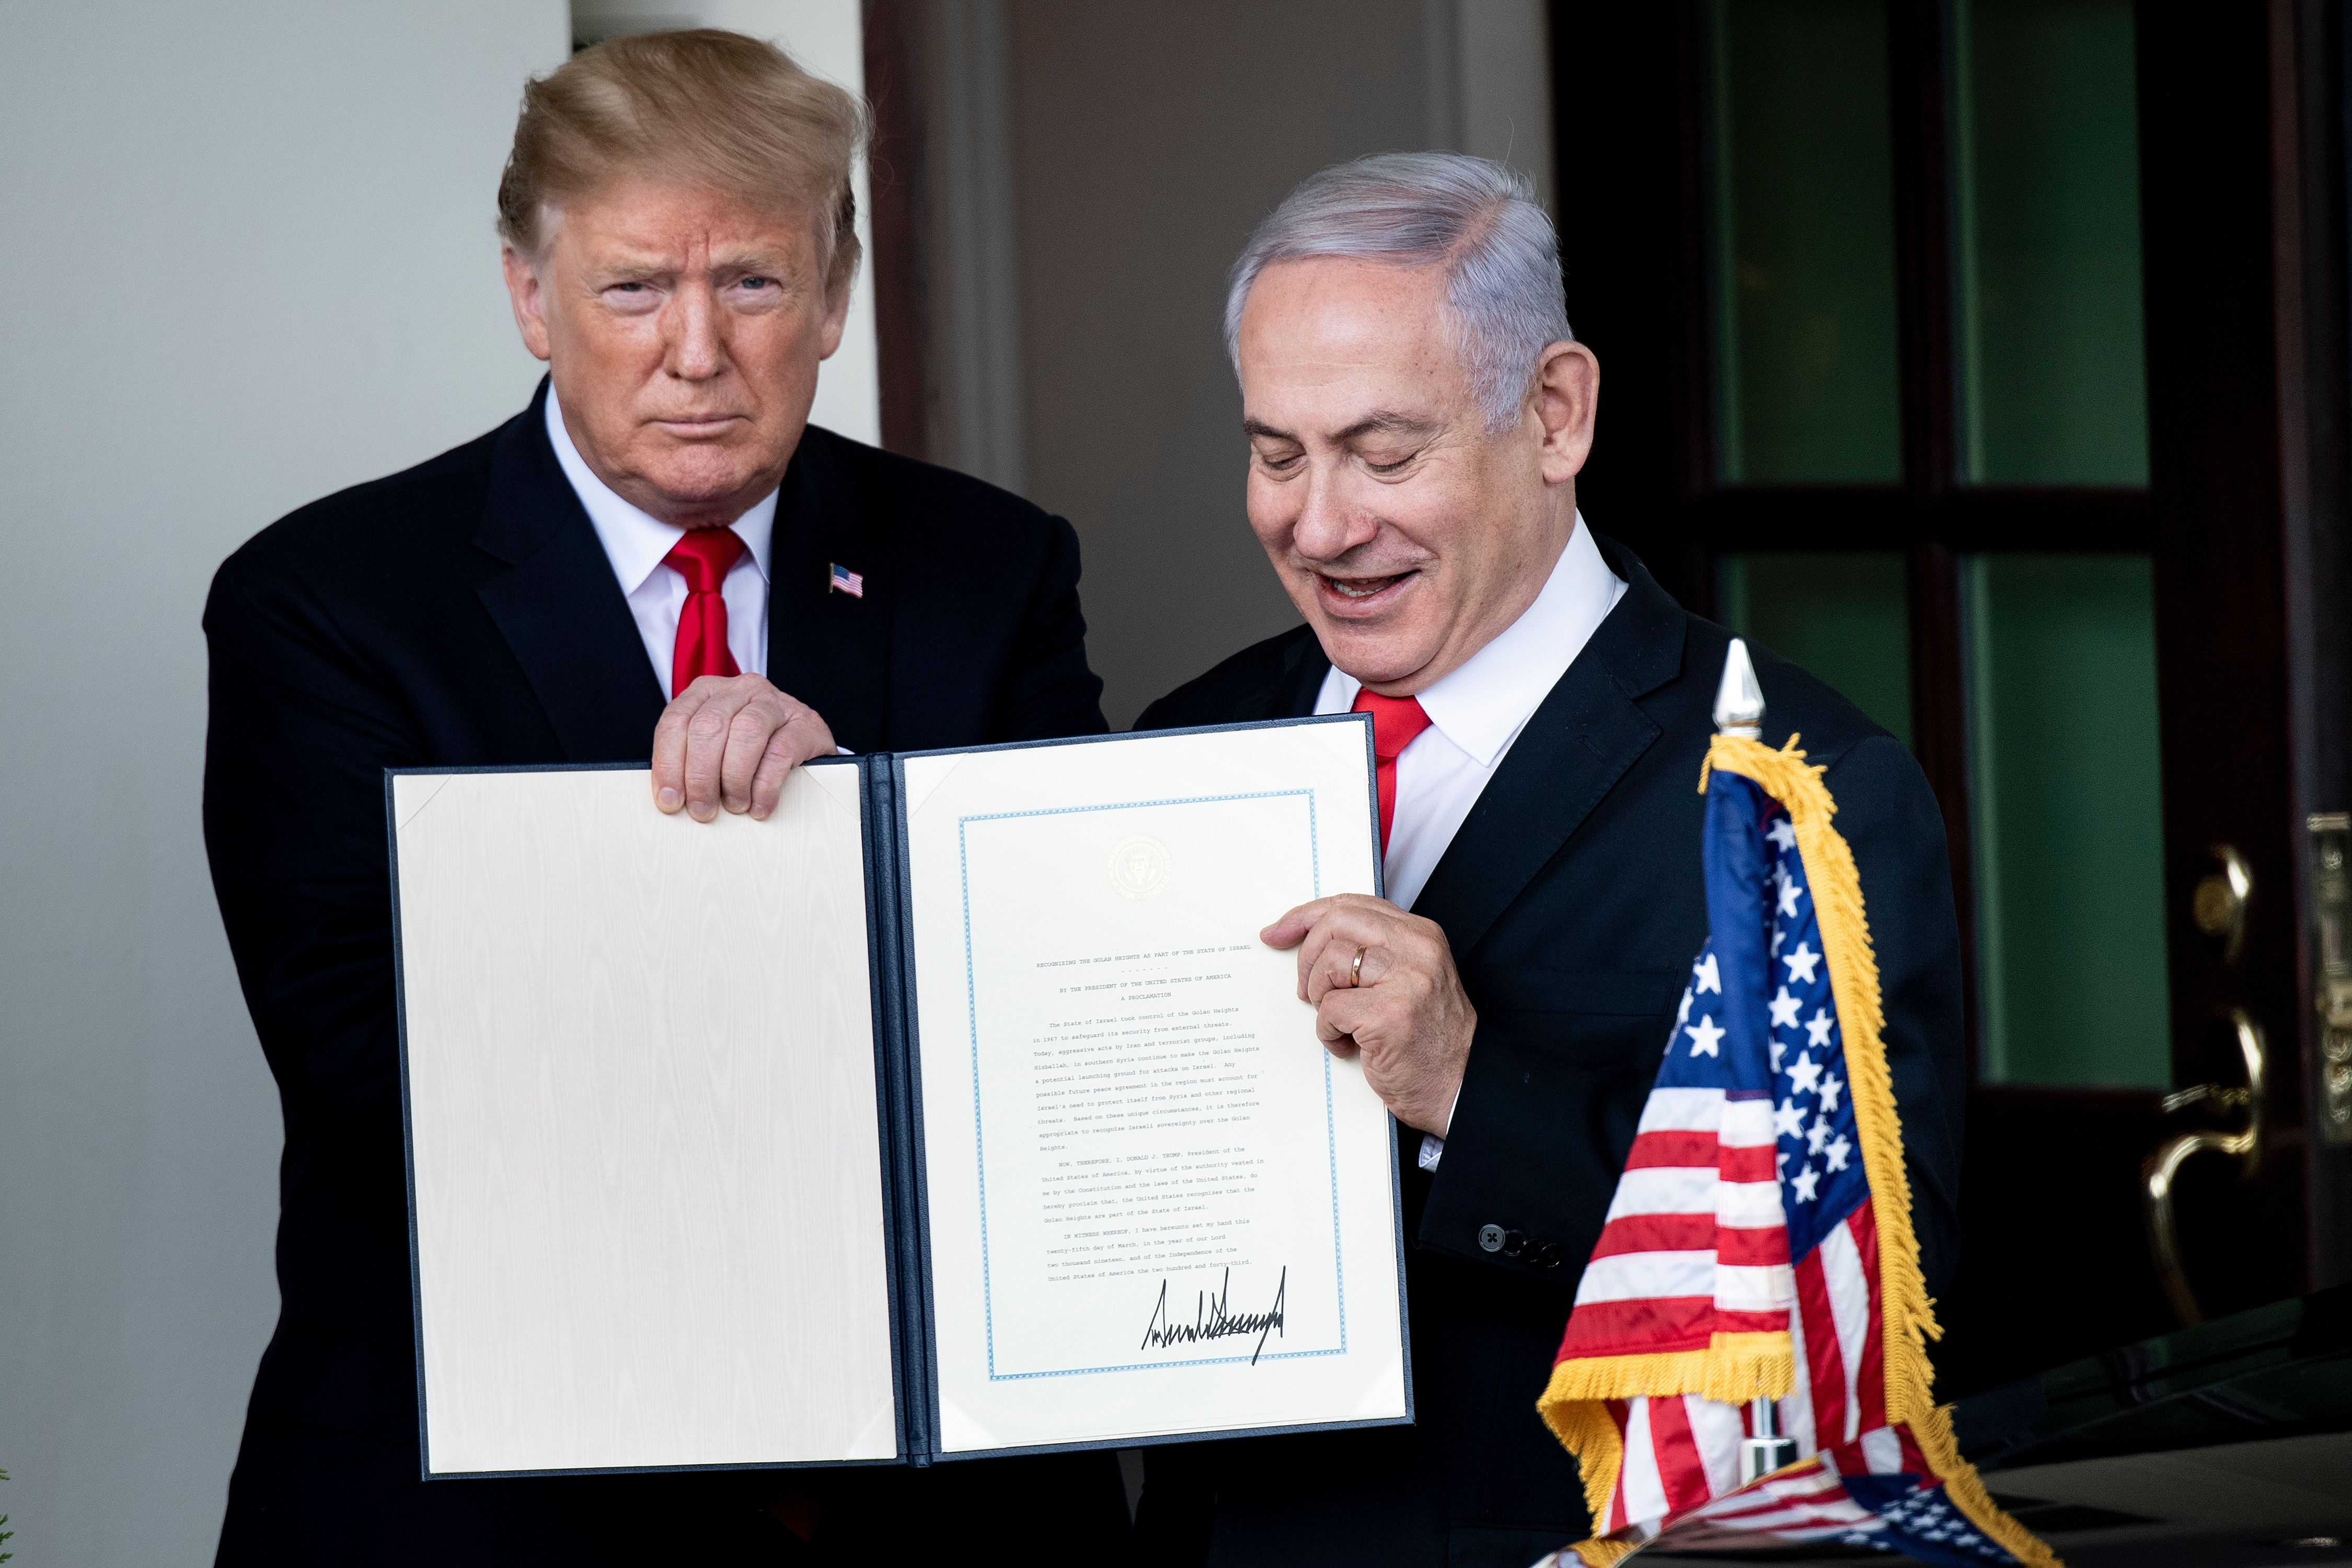 Felháborodva fogadták muszlim országok, hogy Trump elismerte Izrael fennhatóságát a Golán-fennsíkon